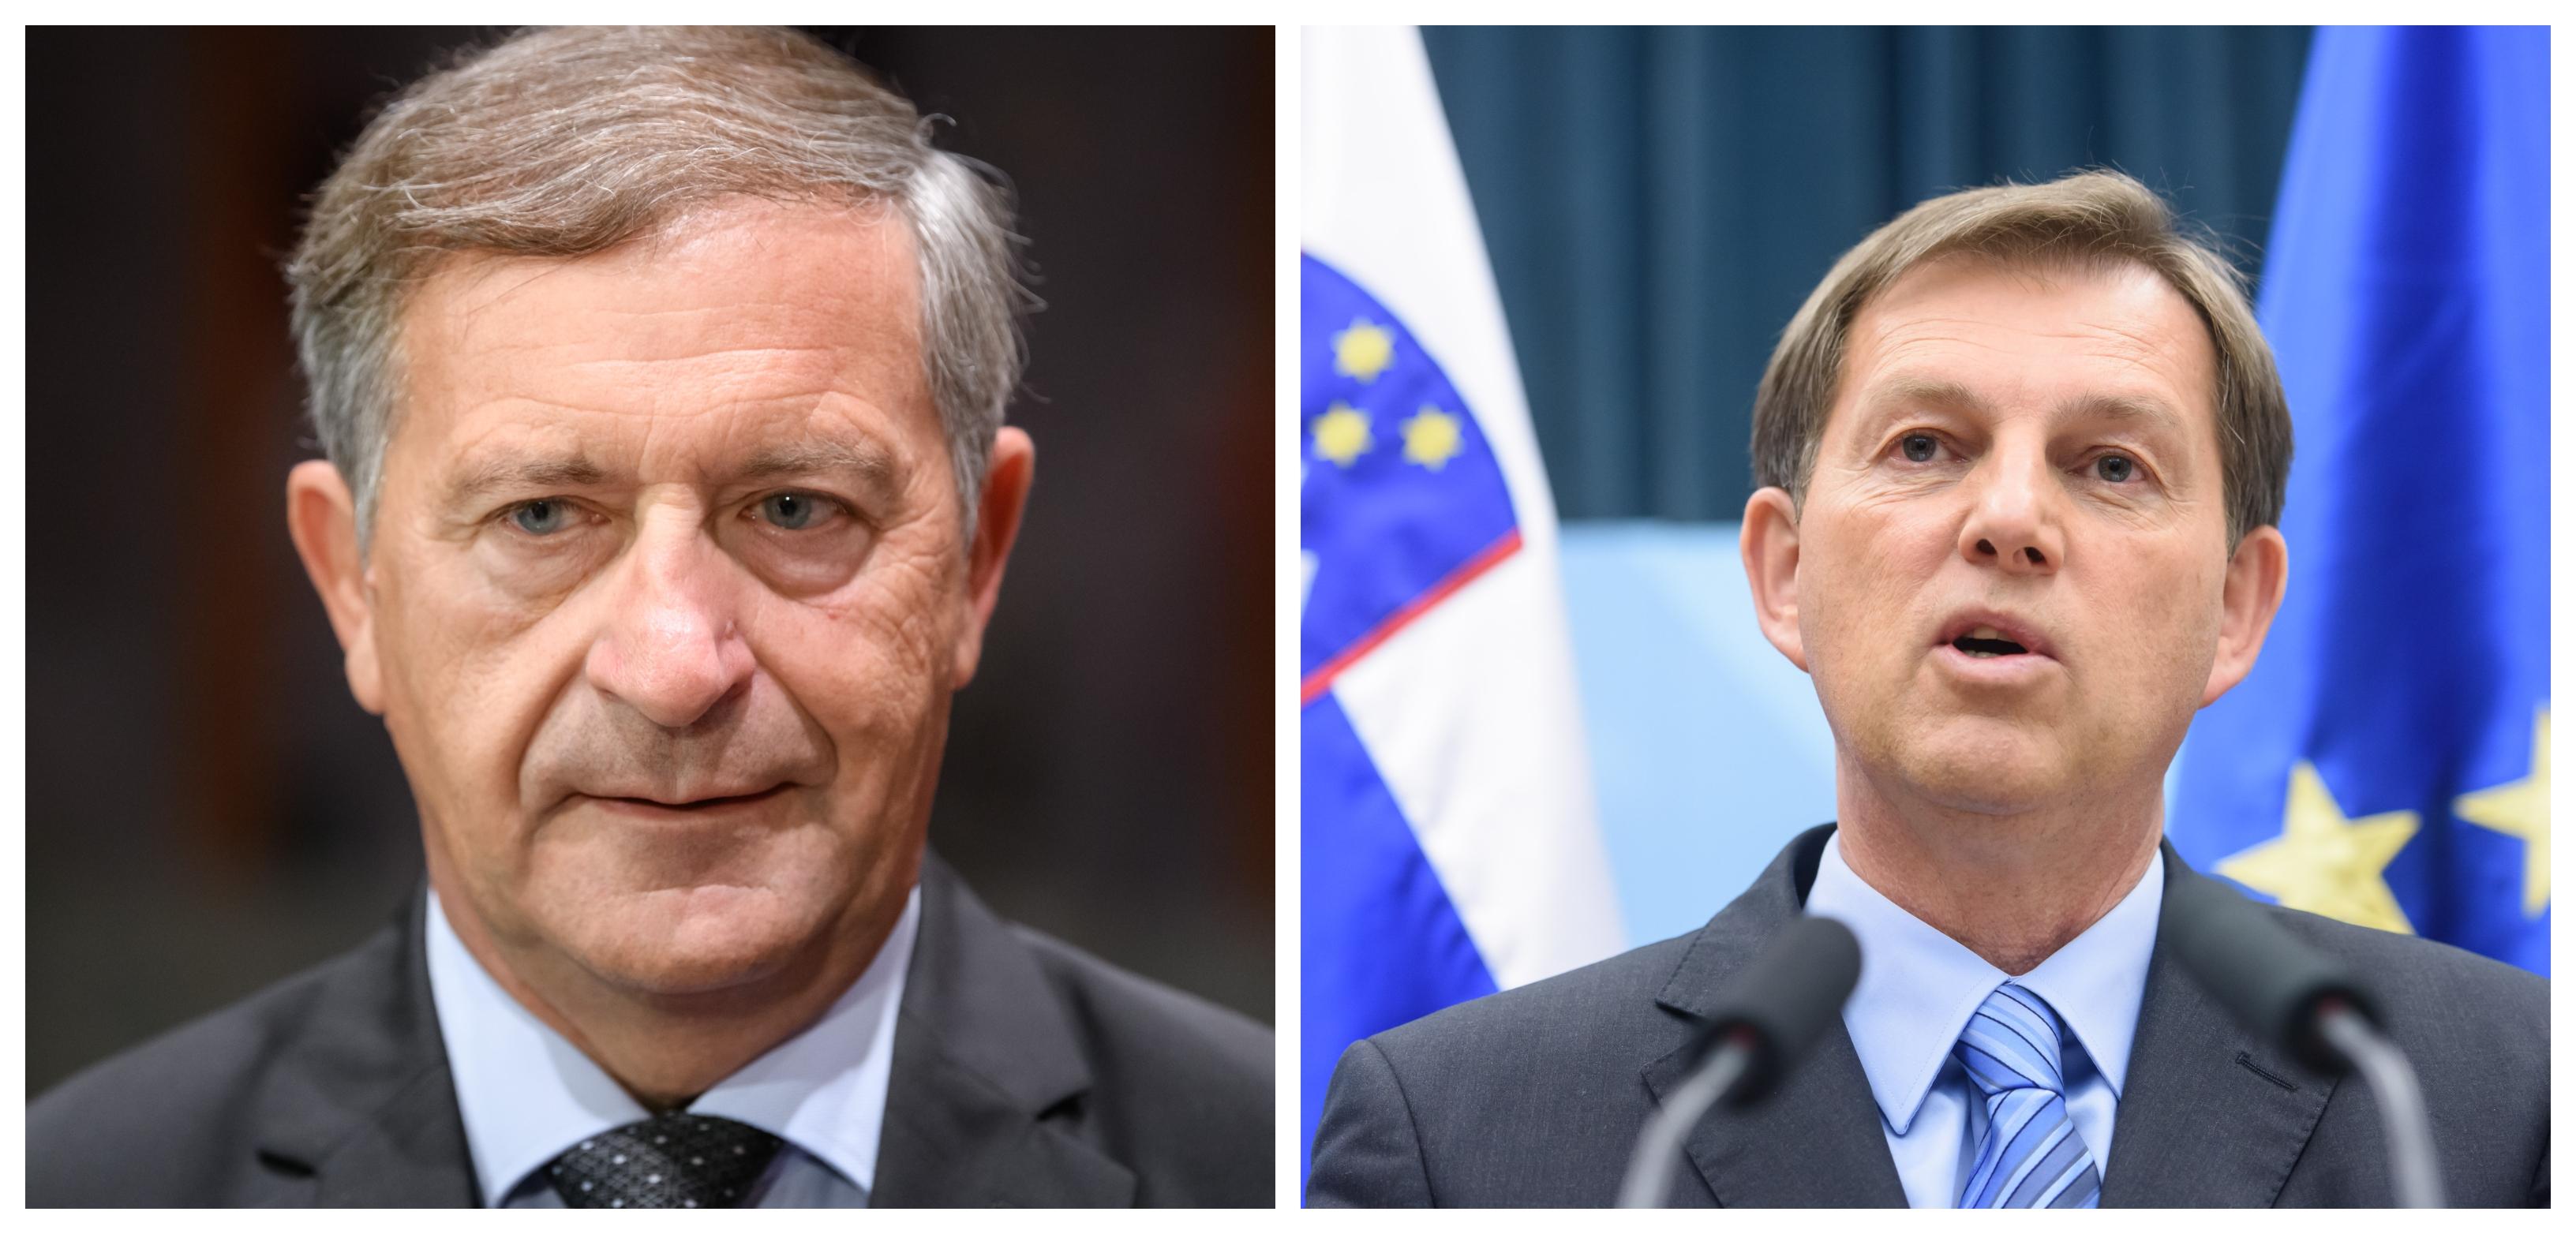 Največja odgovornost za novo evropsko blamažo nosita Karl Erjavec, bivši zunanji minister v Cerarjevi vladi in Miro Cerar, bivši premier in aktualni zunanji minister (Foto: STA)